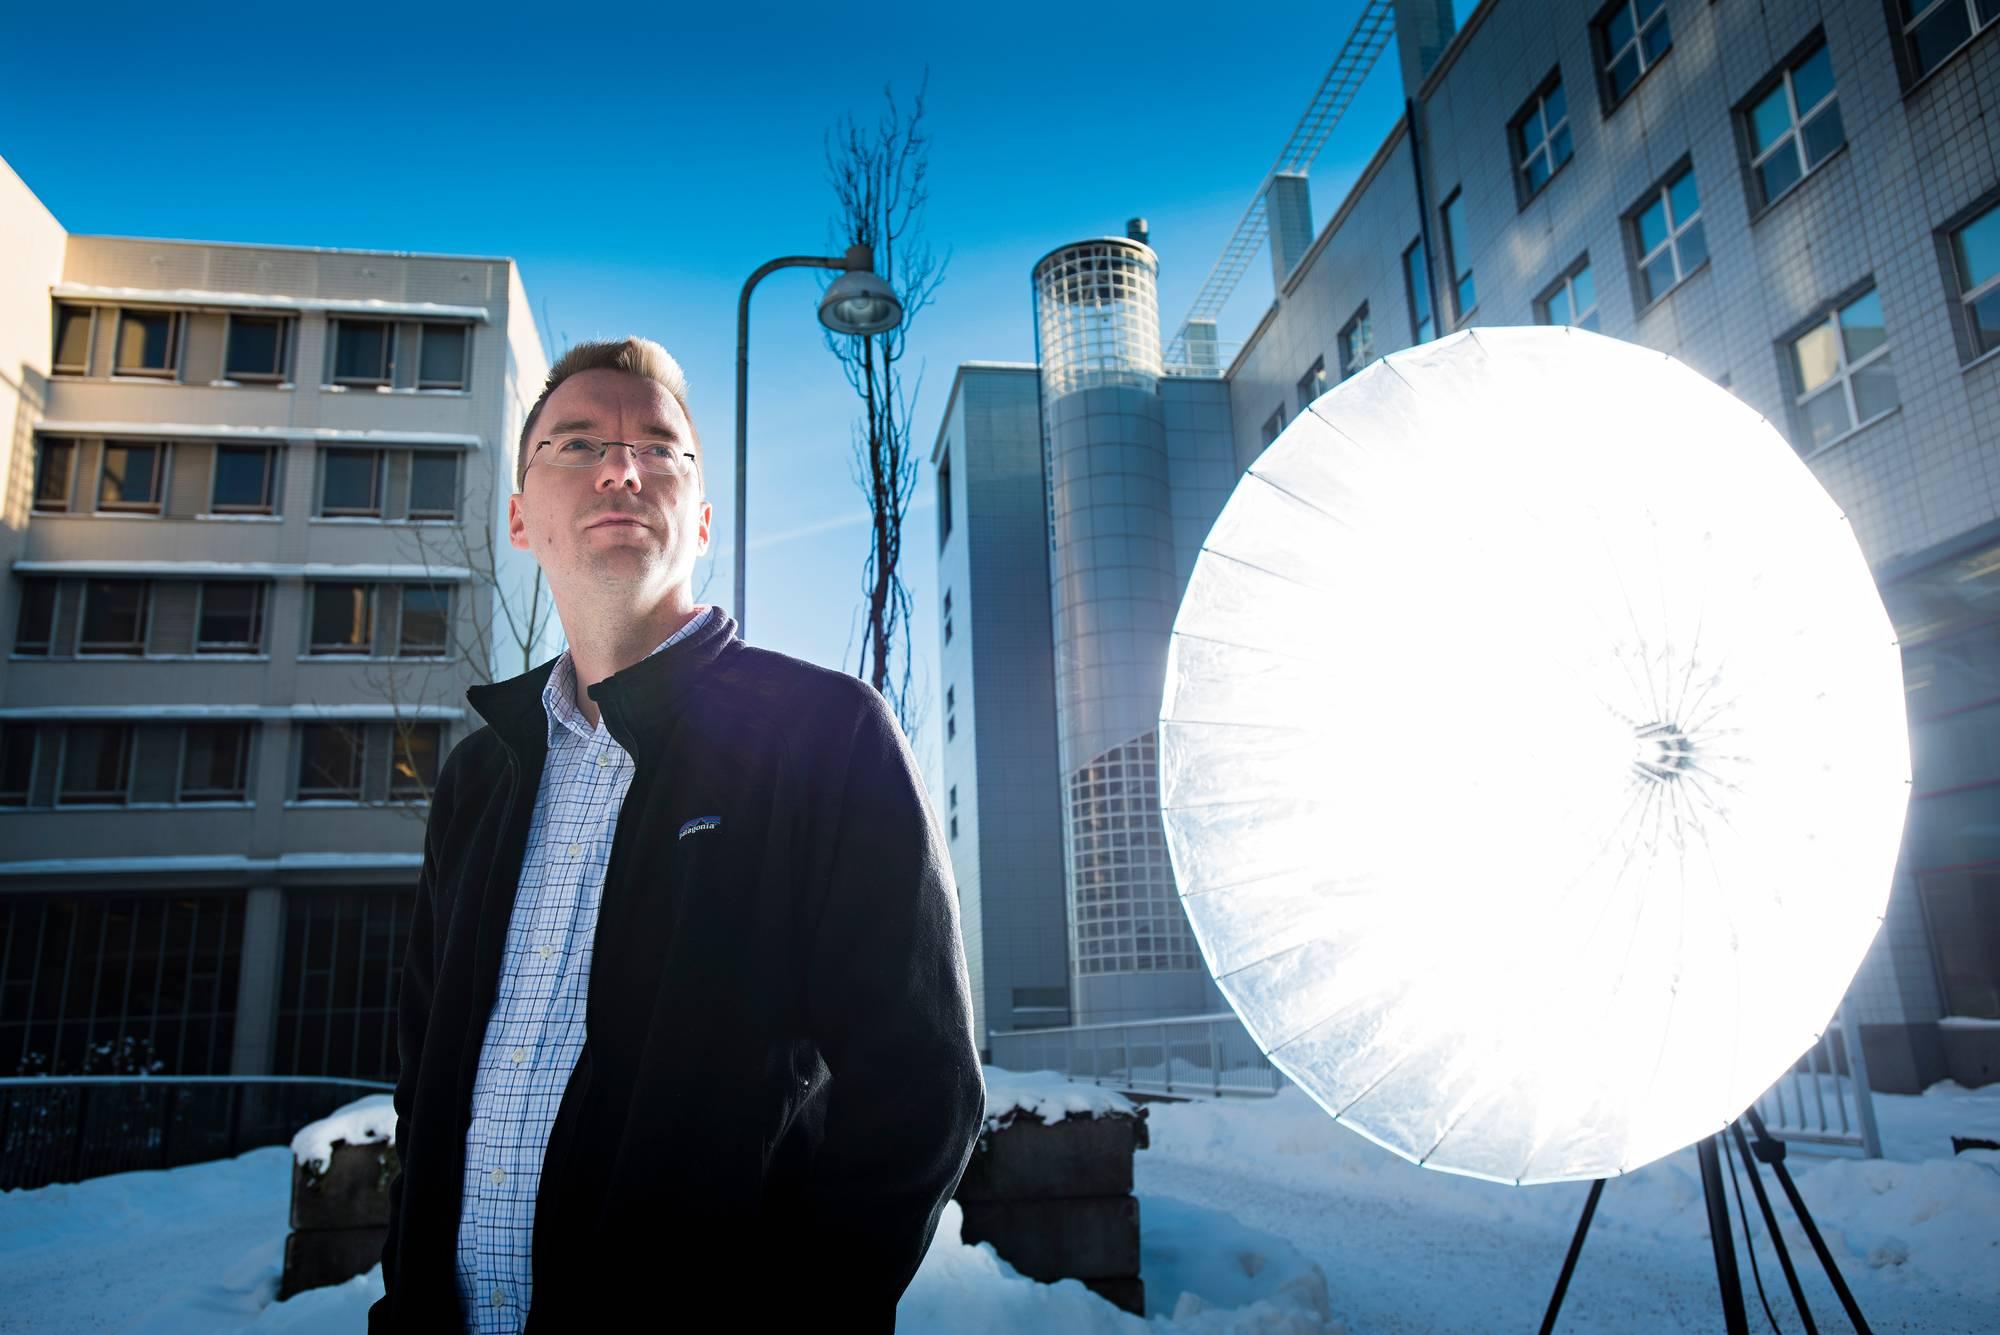 Veli-Pekka Kivimäki valmistelee väitöskirjaa sosiaalisen median käyttämisestä tutkimustyössä.